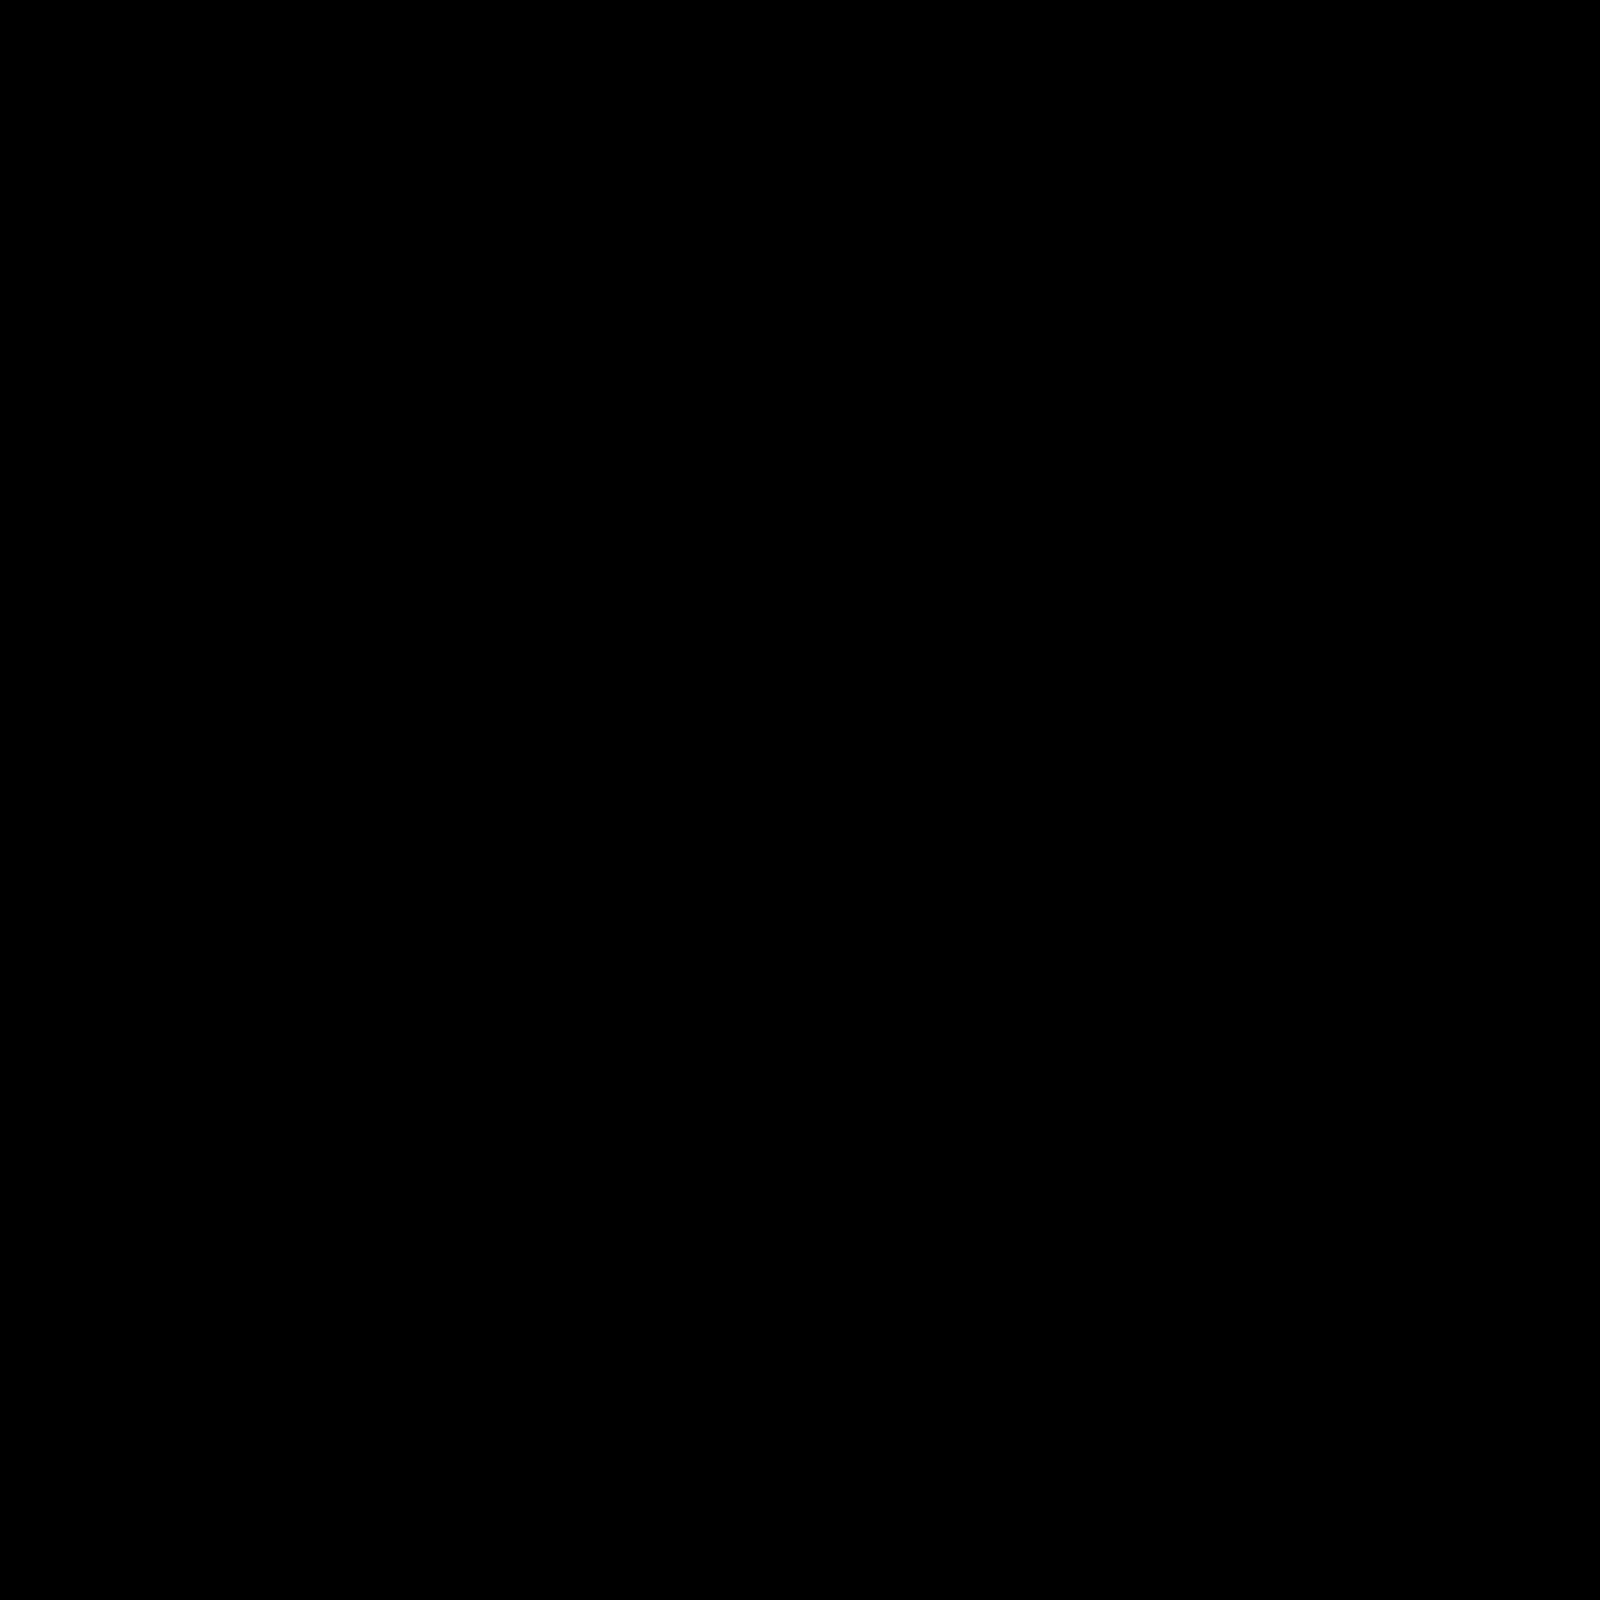 ポリゴン icon